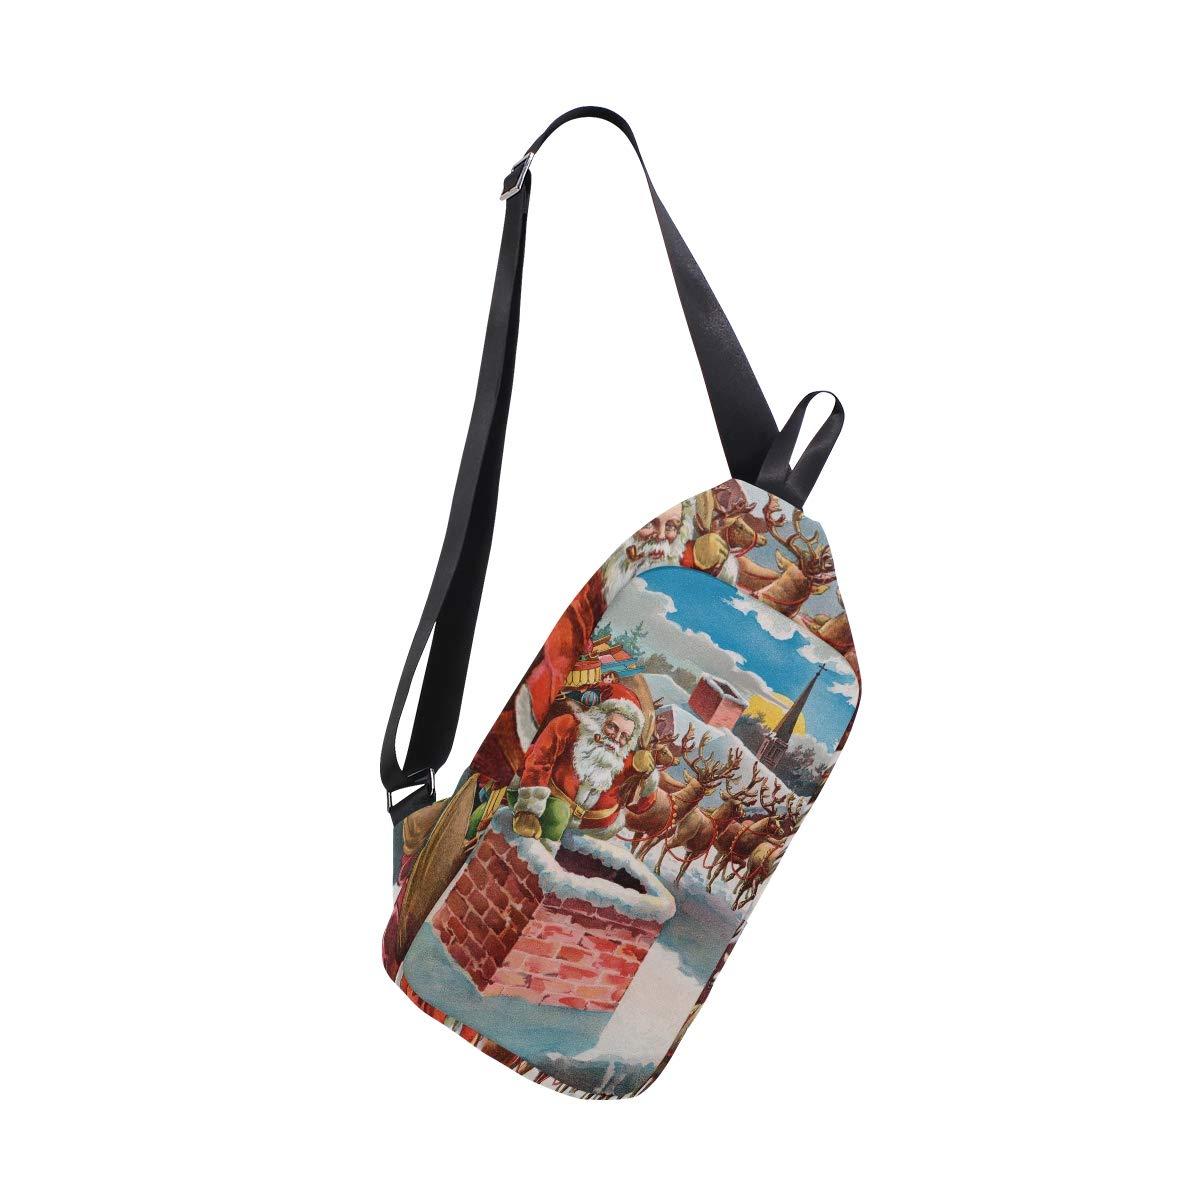 TFONE Vintage Christmas Santa Claus Reindeer Crossbody Bag Lightweight Chest Shoulder Messenger Pack Backpack Sling Bag